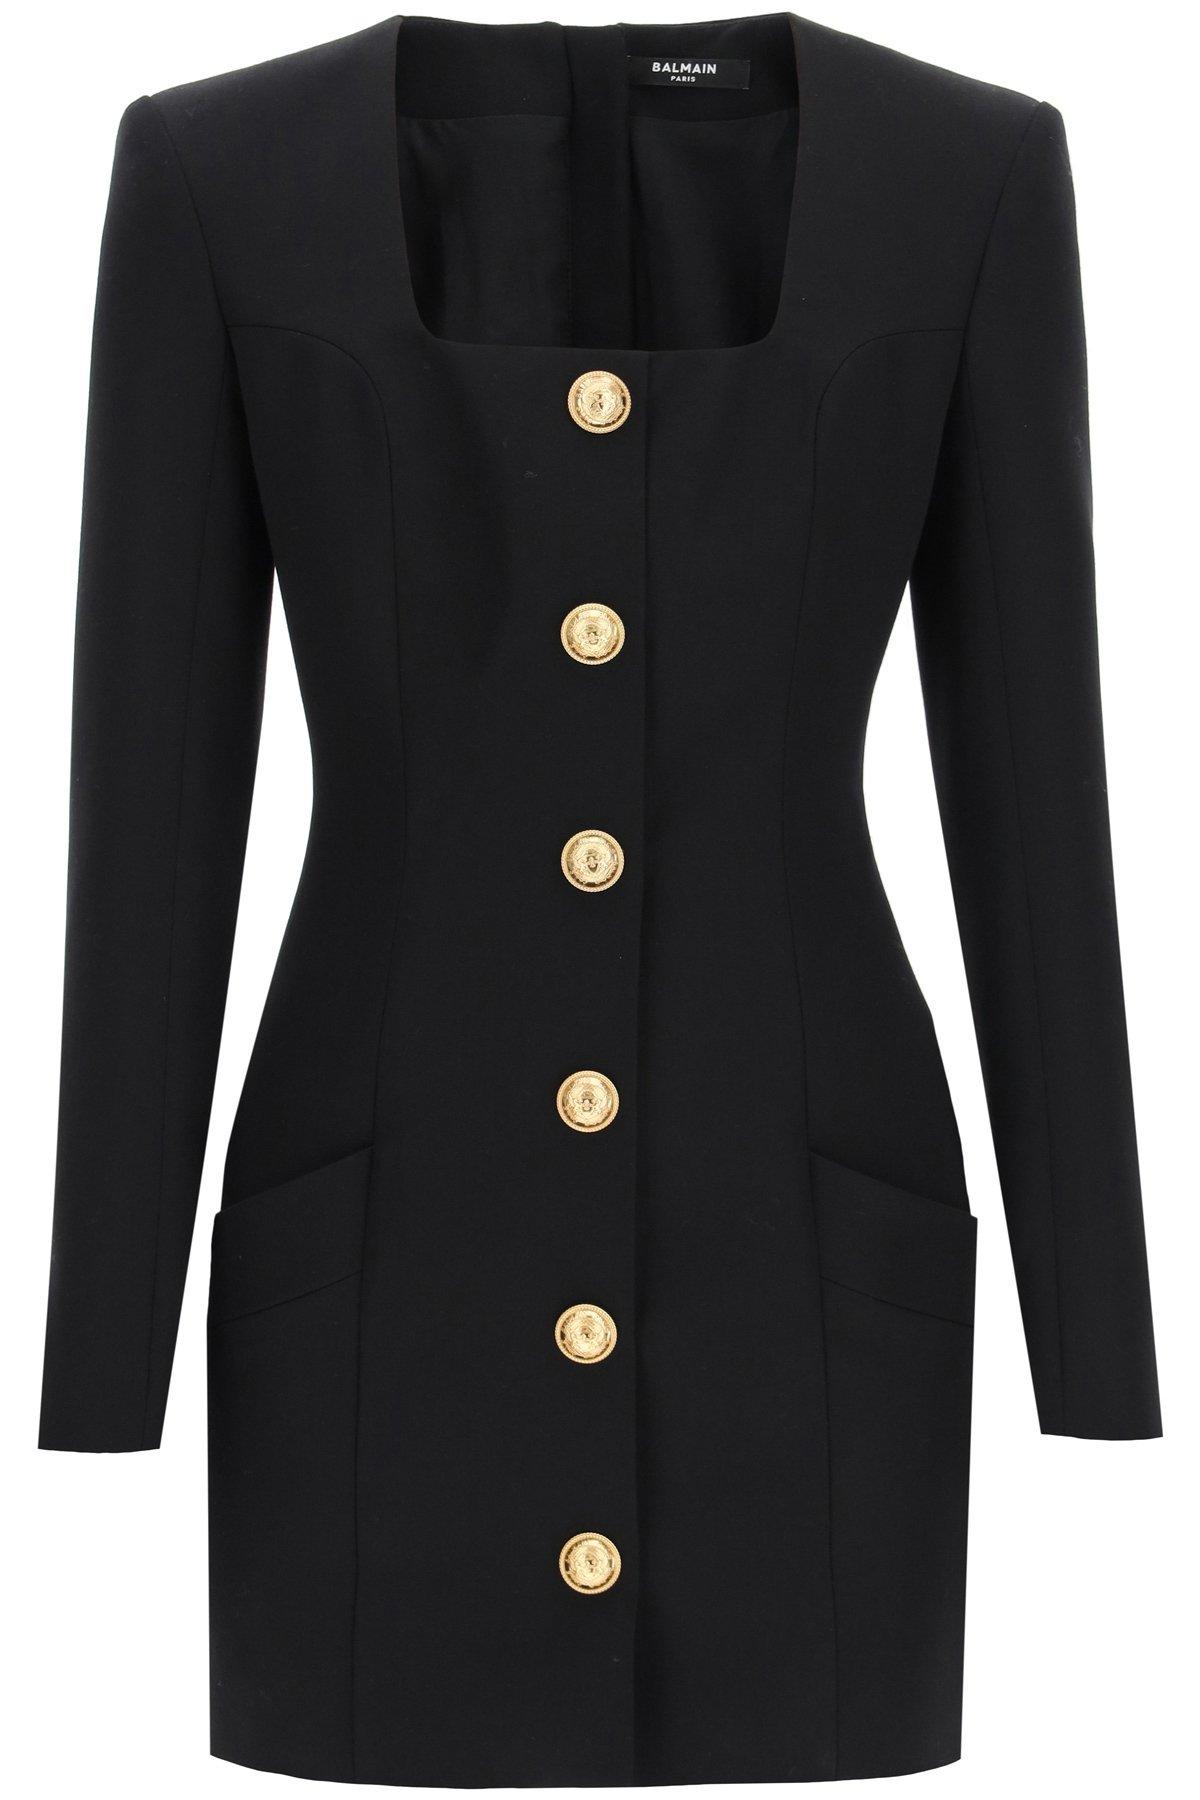 Balmain abito corto in lana con bottoni dorati